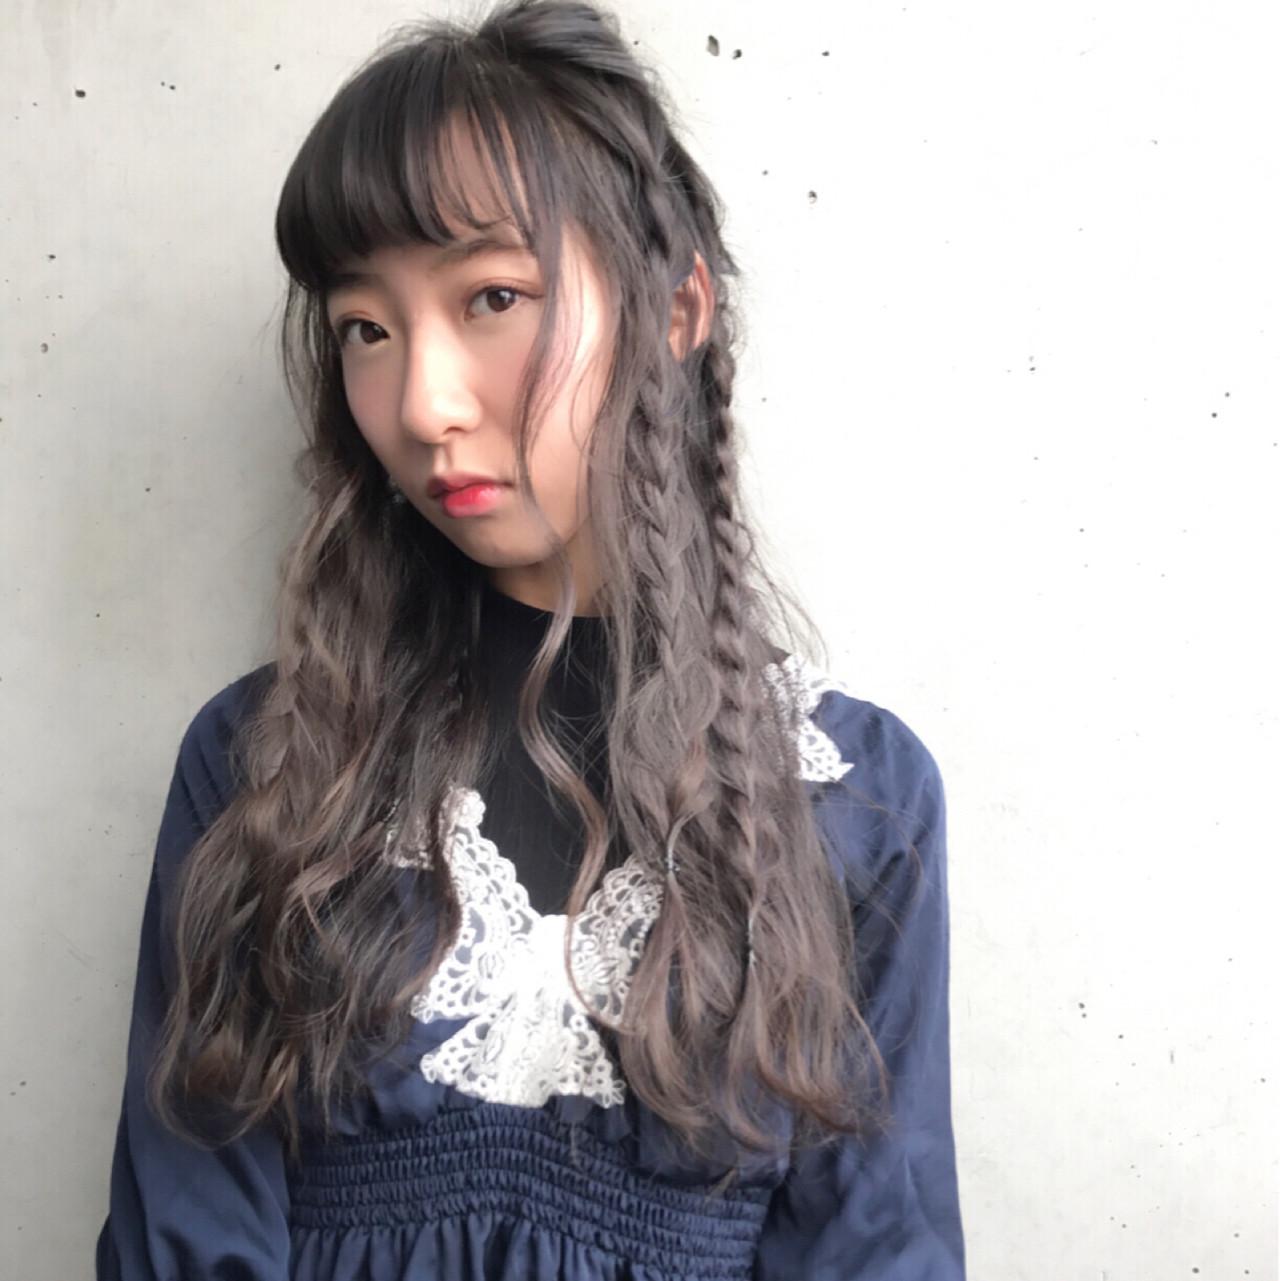 ロング ガーリー 編み込み 三つ編み ヘアスタイルや髪型の写真・画像 | Daichi shimazu / hairsalon M 新宿